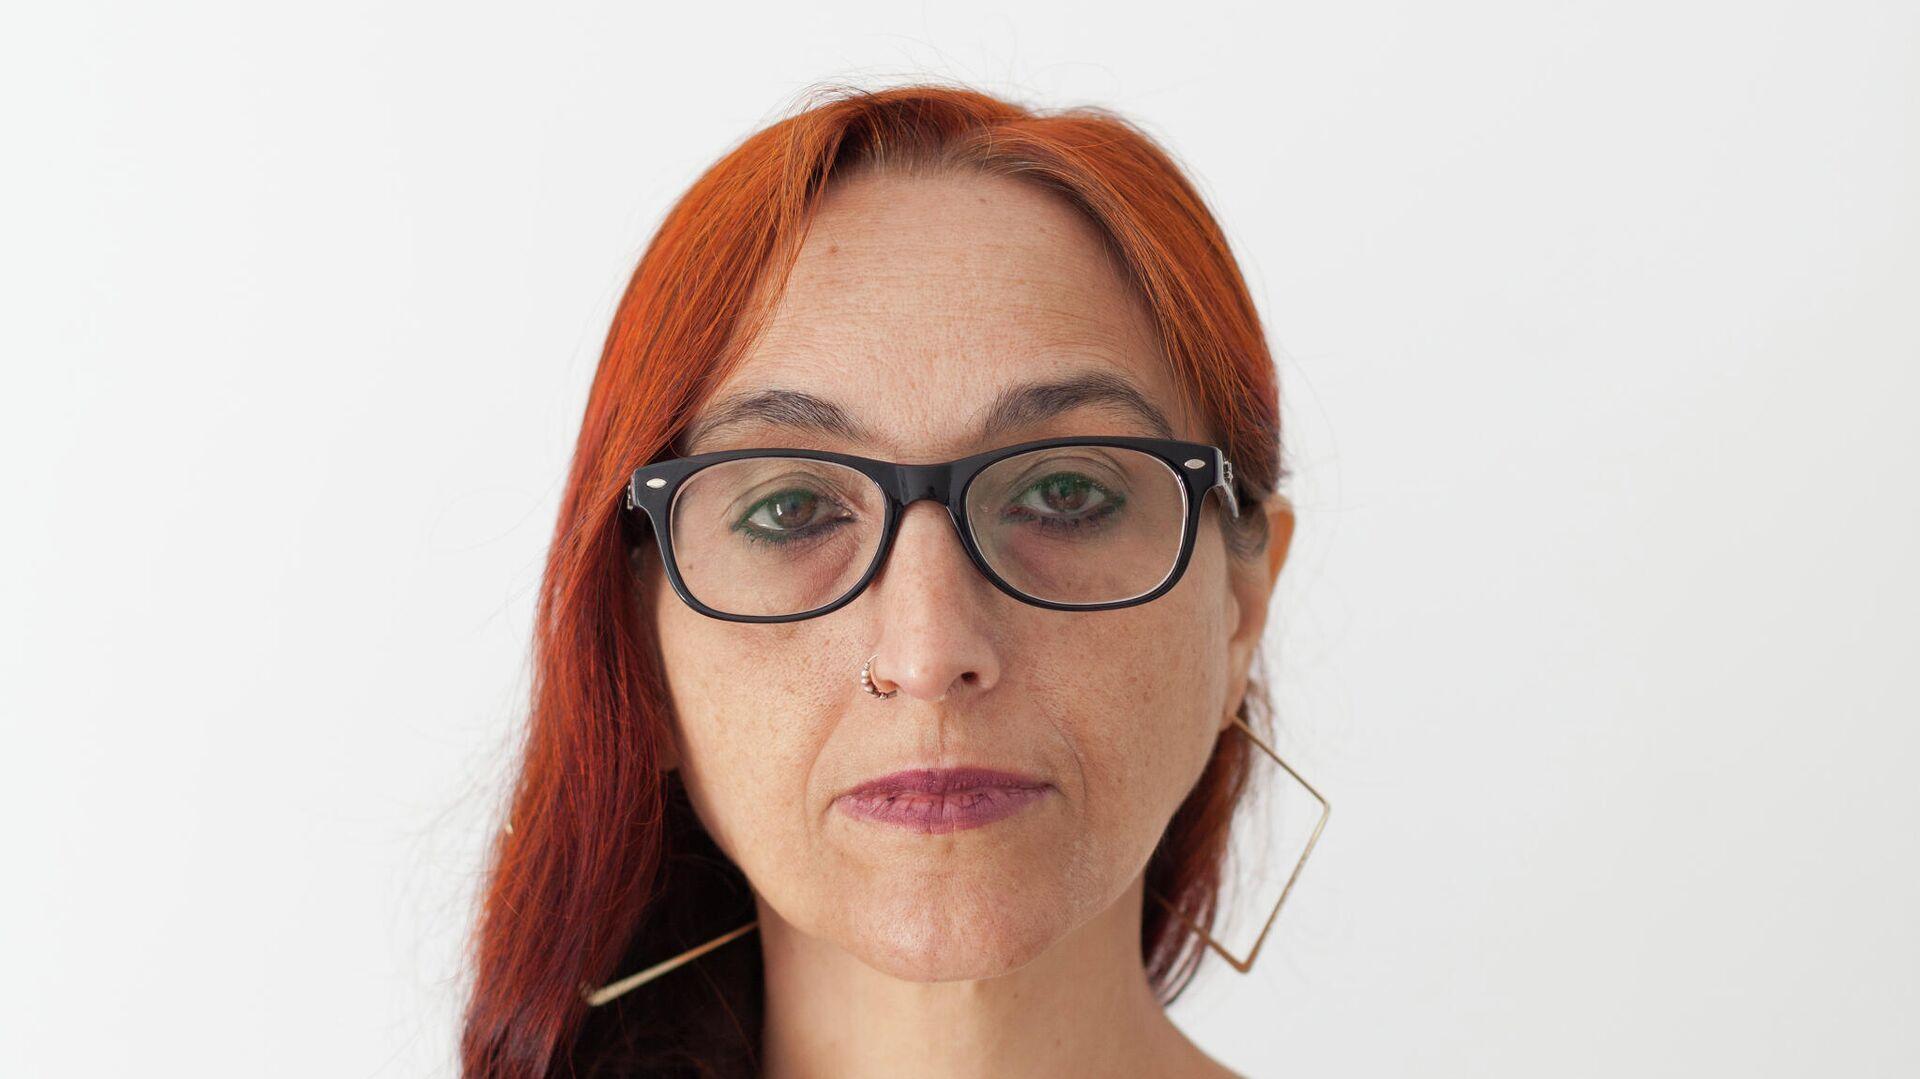 La activista y defensora de los derechos humanos Helena Maleno - Sputnik Mundo, 1920, 12.04.2021